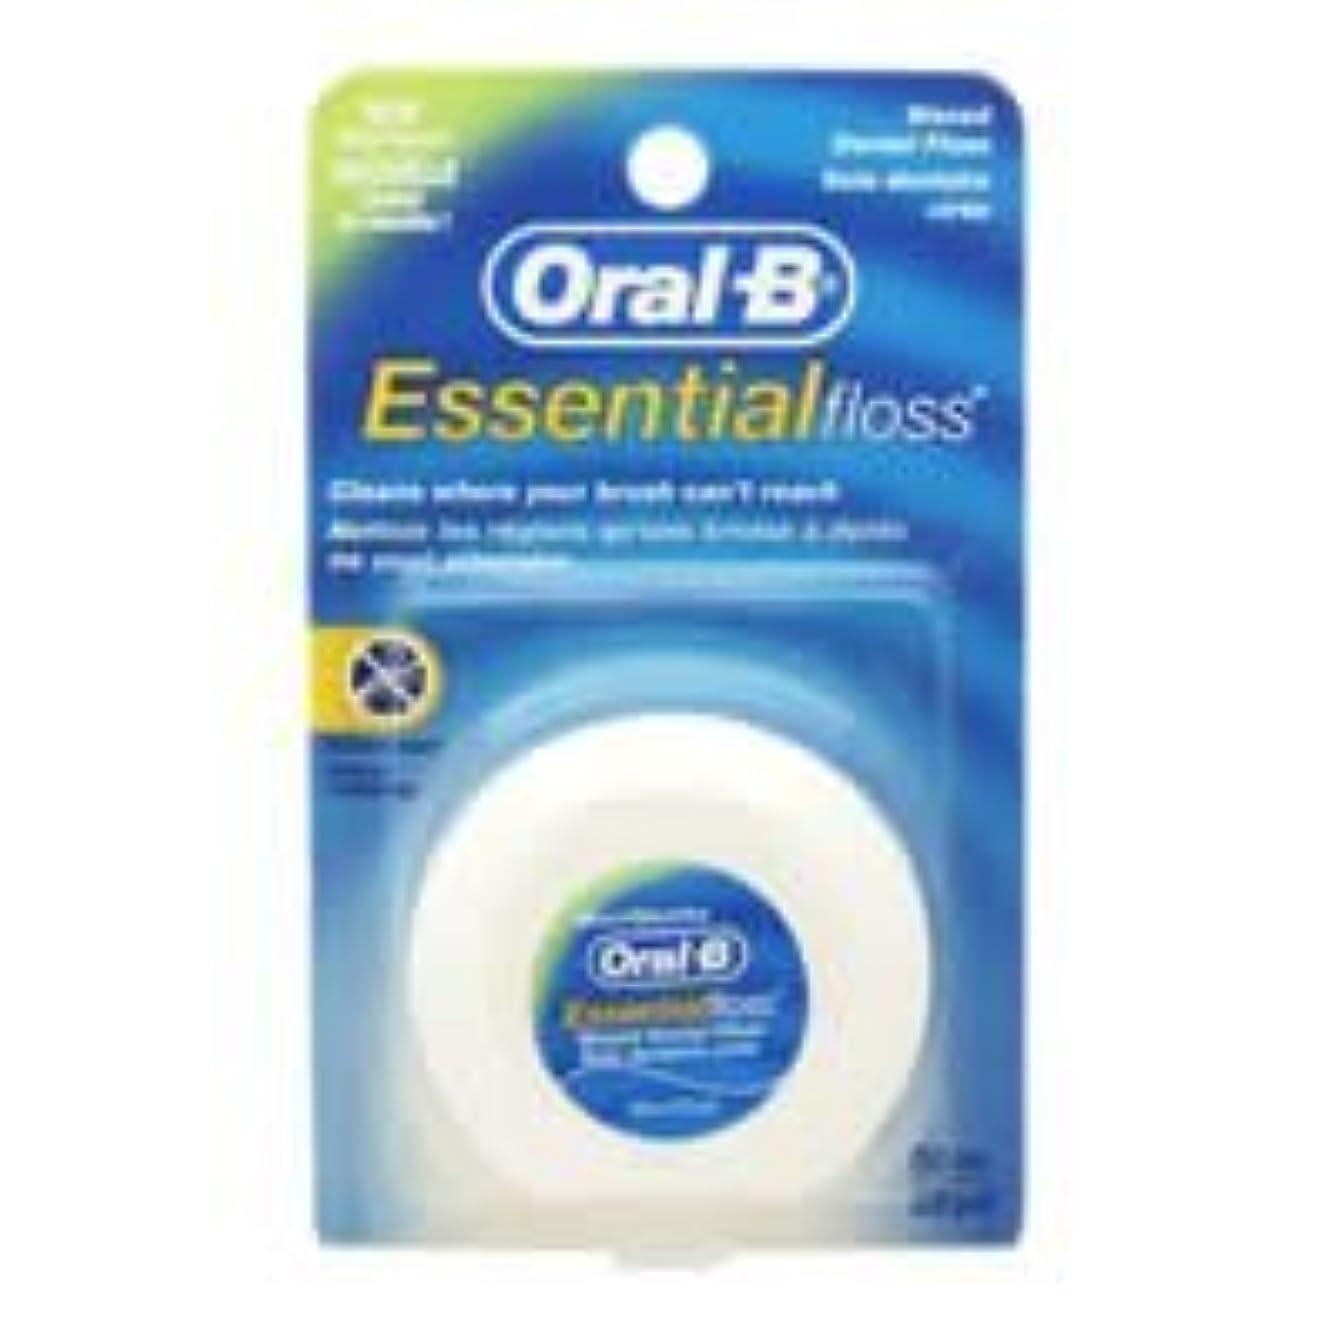 軽かる常習的Oral-B Essential Waxed Dental Floss Mint by Oral-B